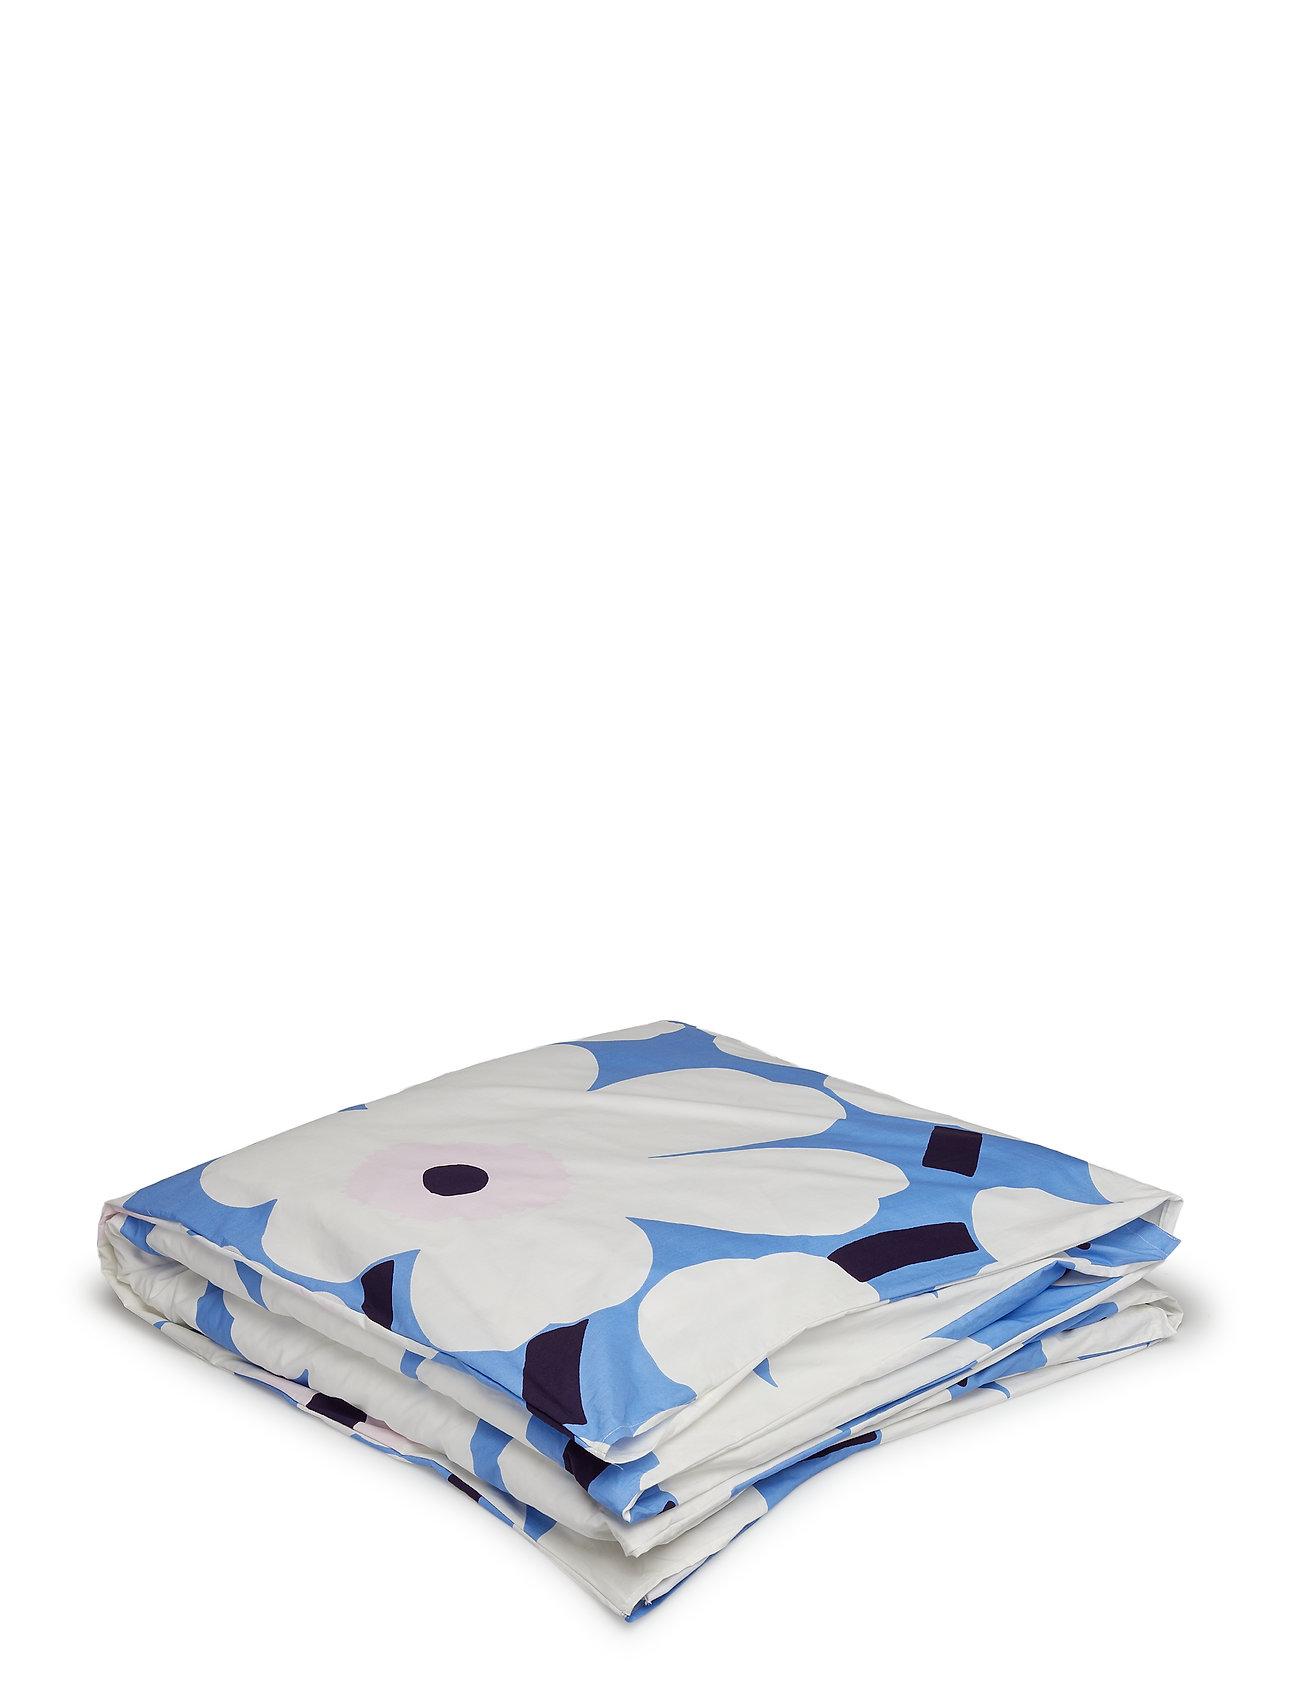 Marimekko Home UNIKKO DUVET COVER - SKY BLUE, OFF-WHITE, PLUM